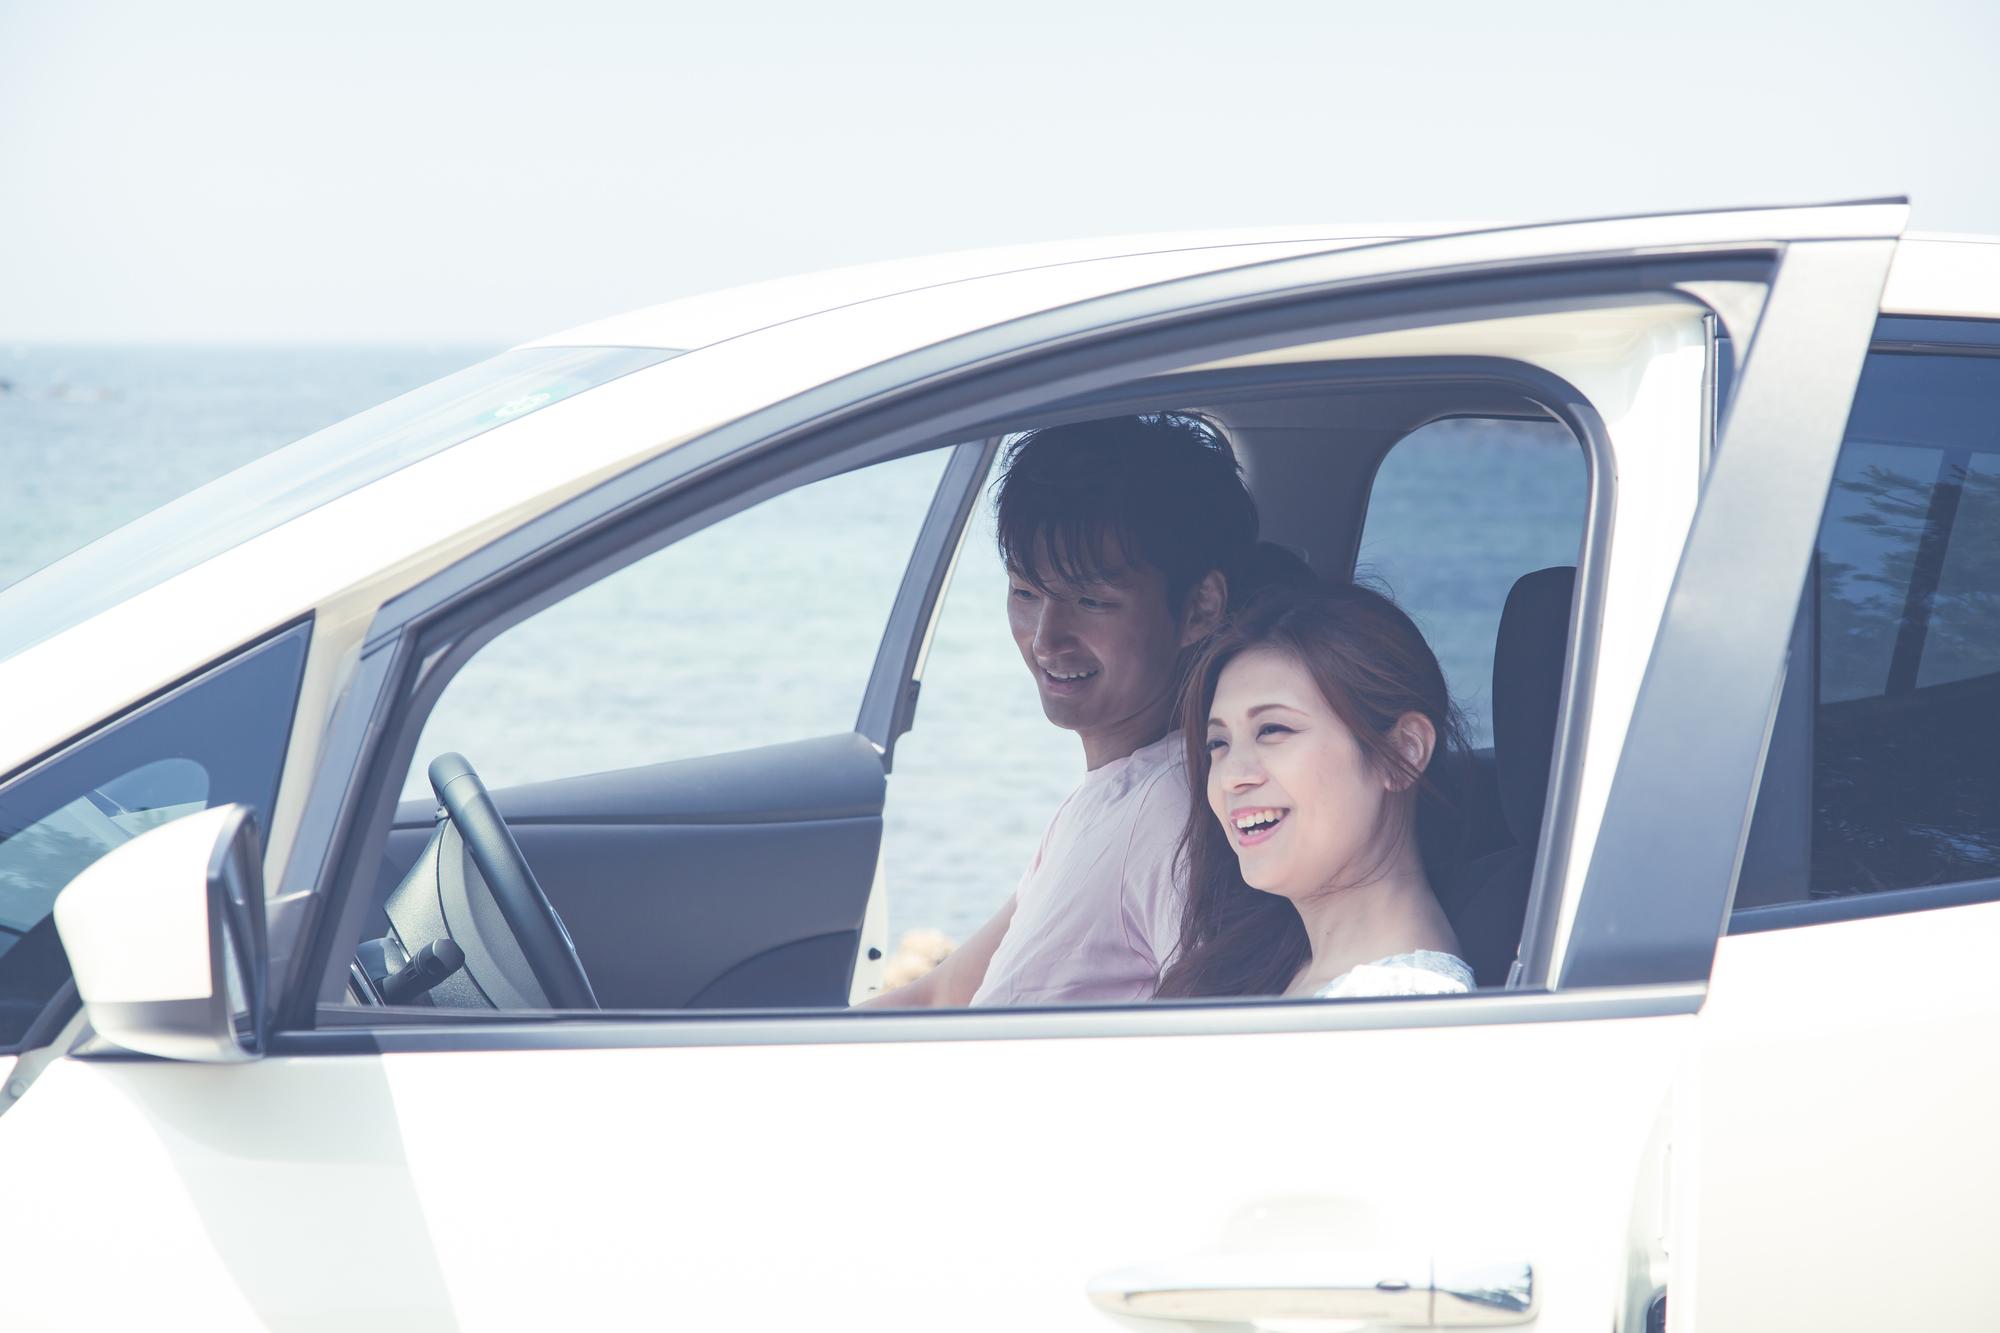 民間団体が「ライドシェア新法」案を提出 日本での配車型ライドシェアを実現させるメリットとは